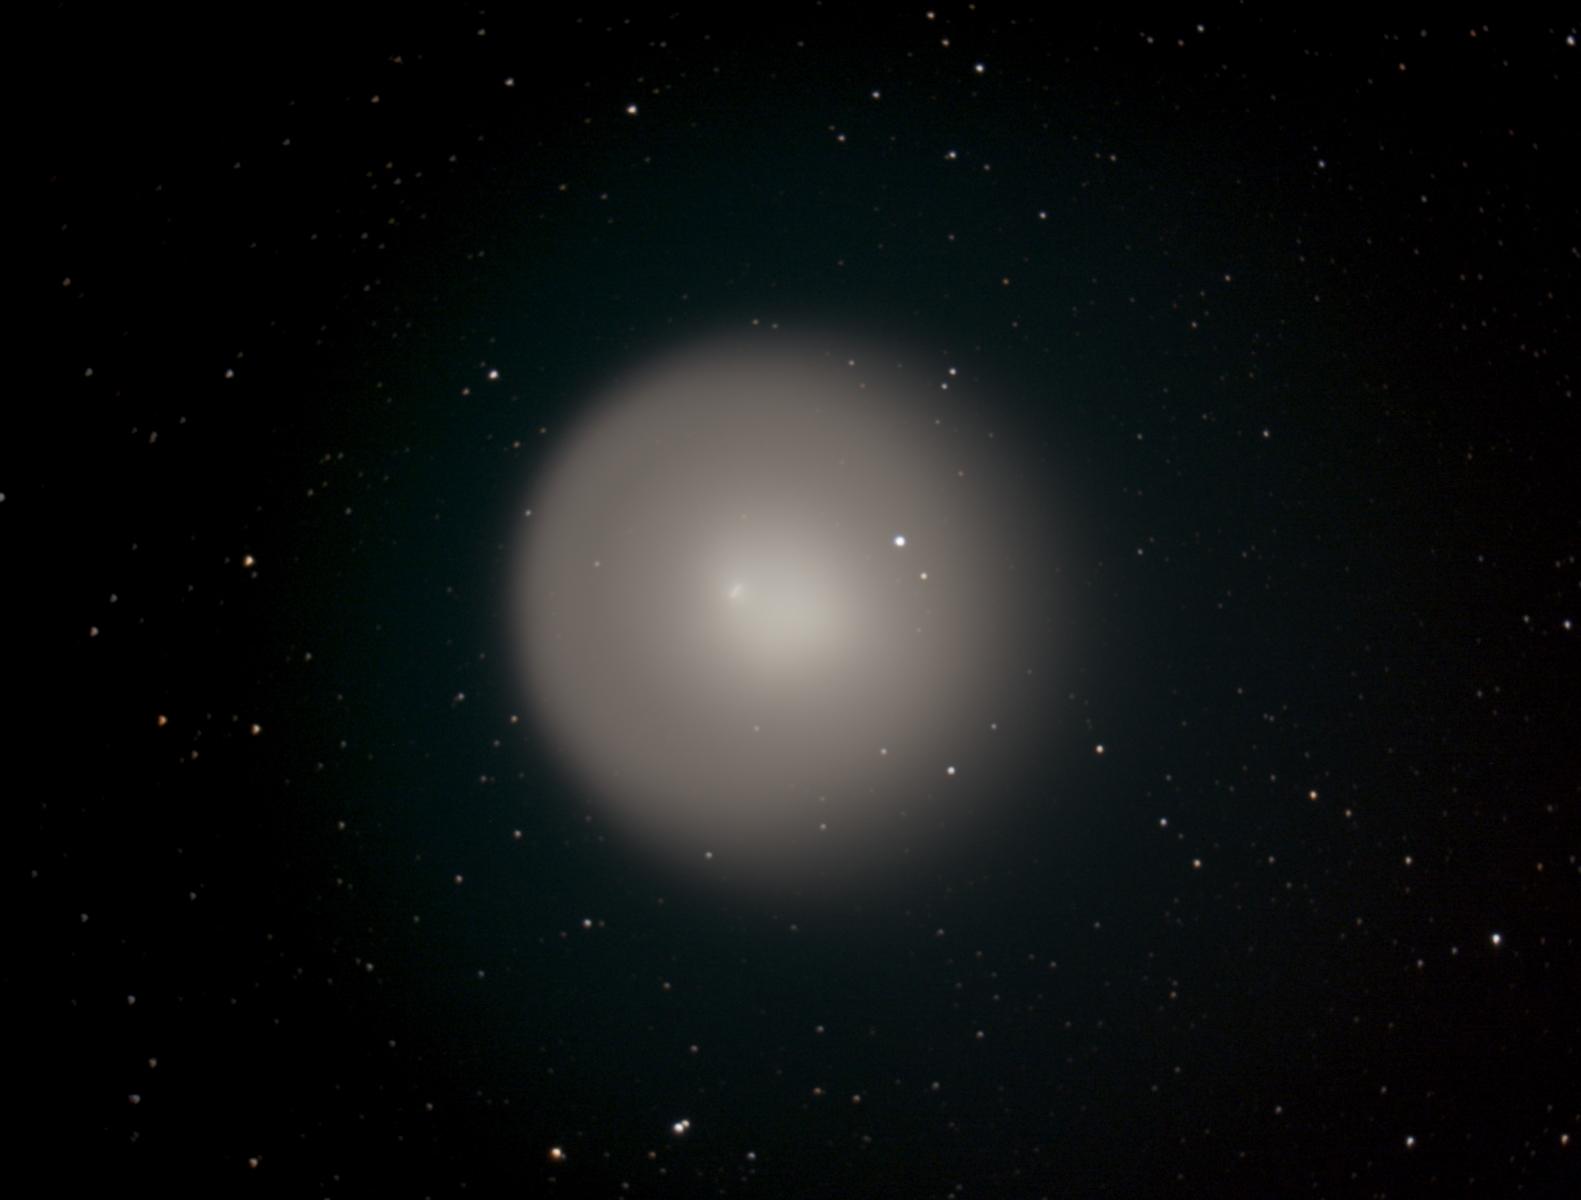 Comet 7P Holmes